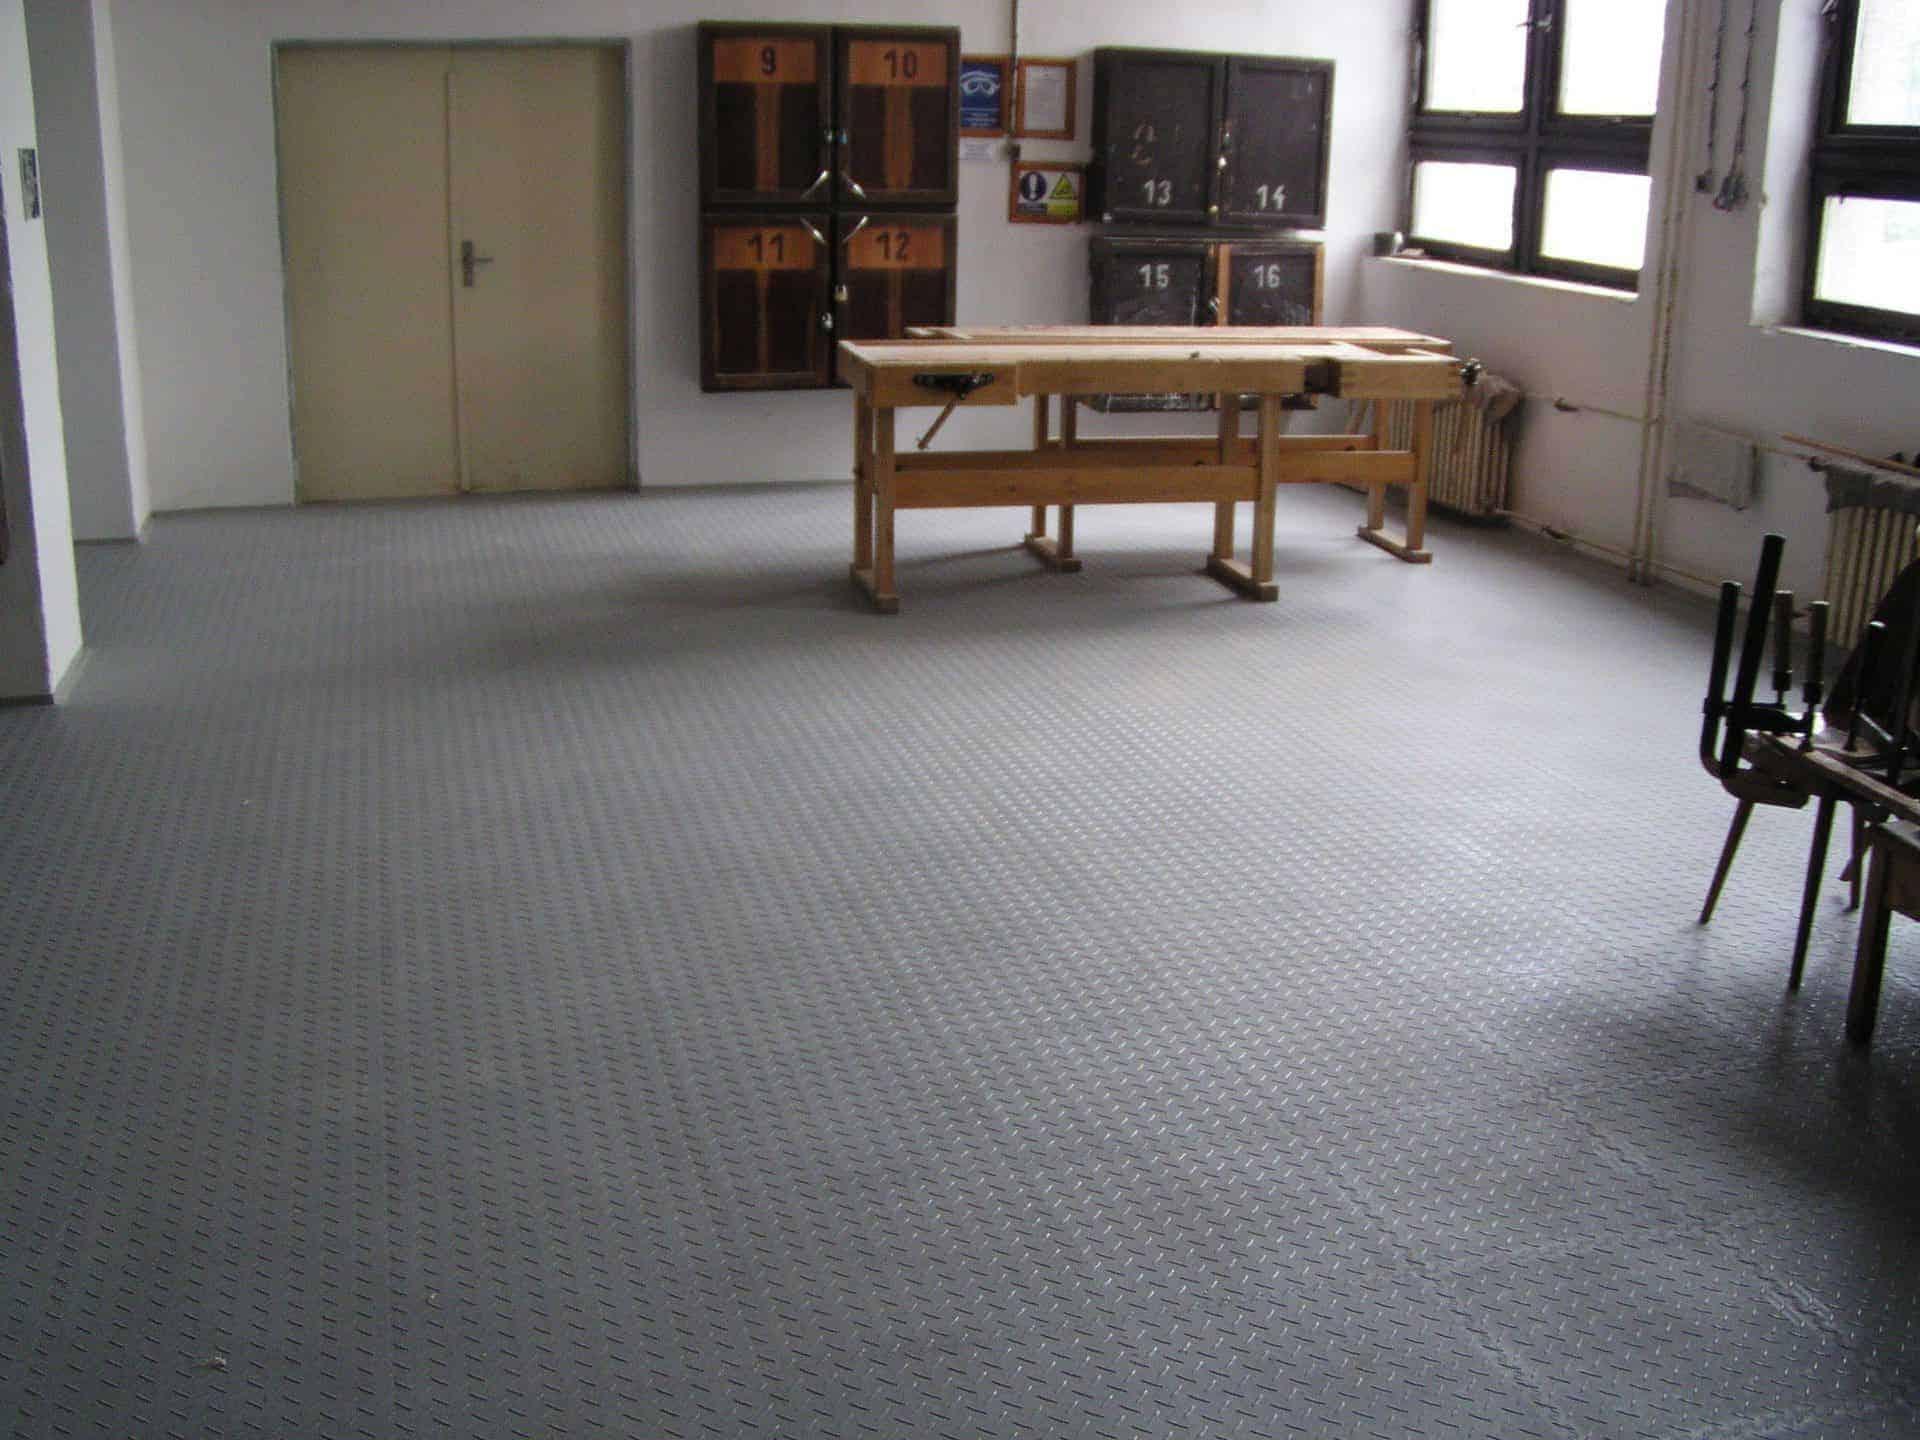 Školní prostory v Liberci, Česko